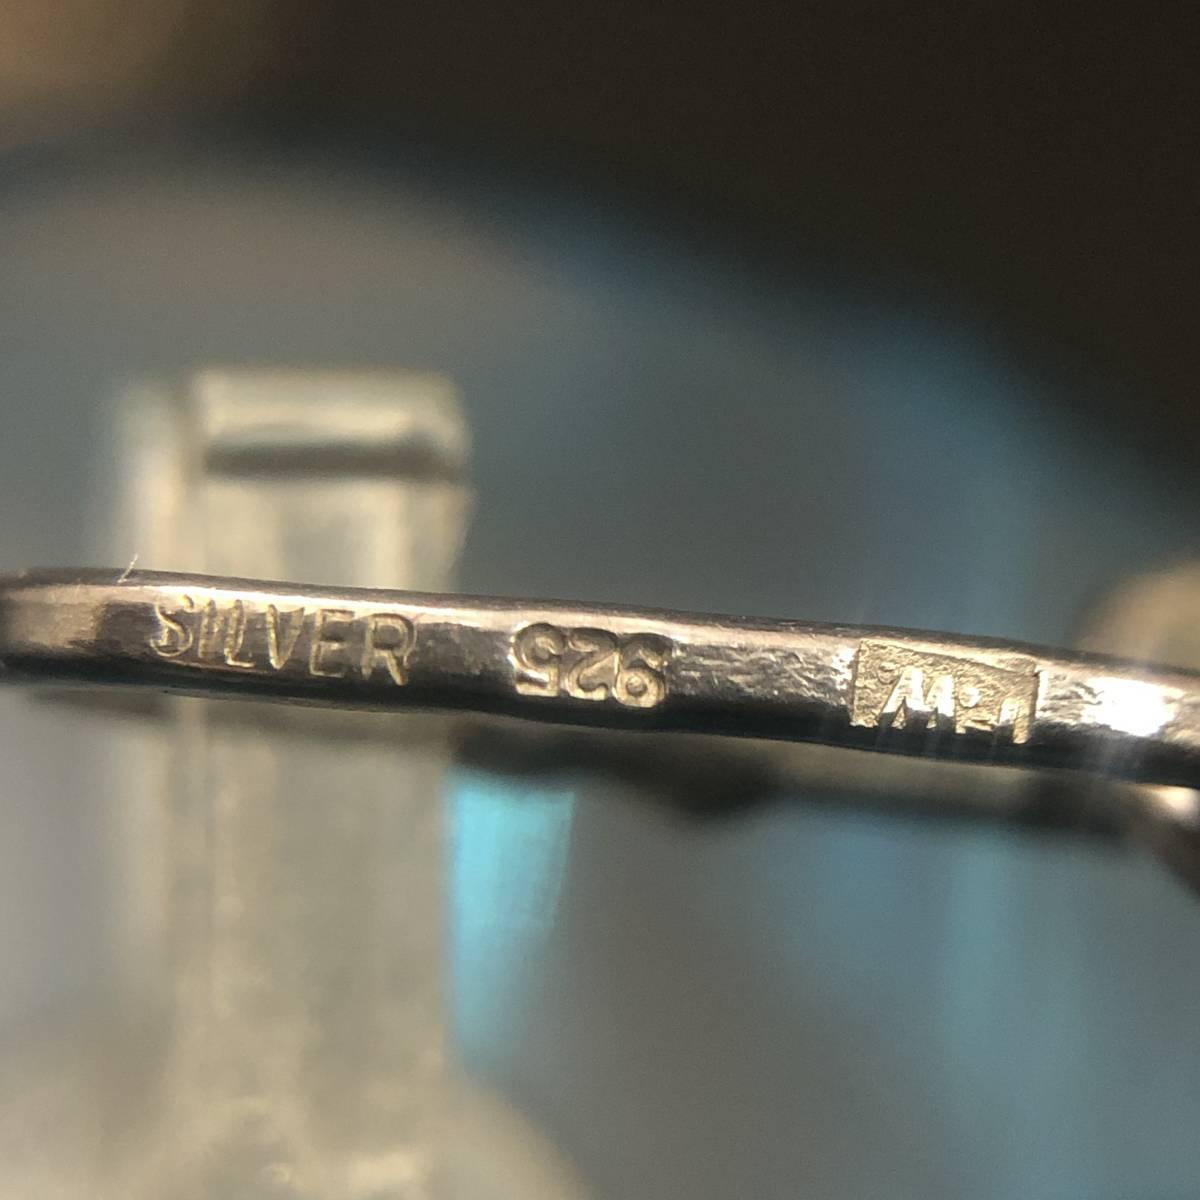 琥珀 アンバー ペンダントトップ SILVER 925 コハク 琥珀 こはく 総重量約42.3g おまとめ 2個 1000円スタート _画像5